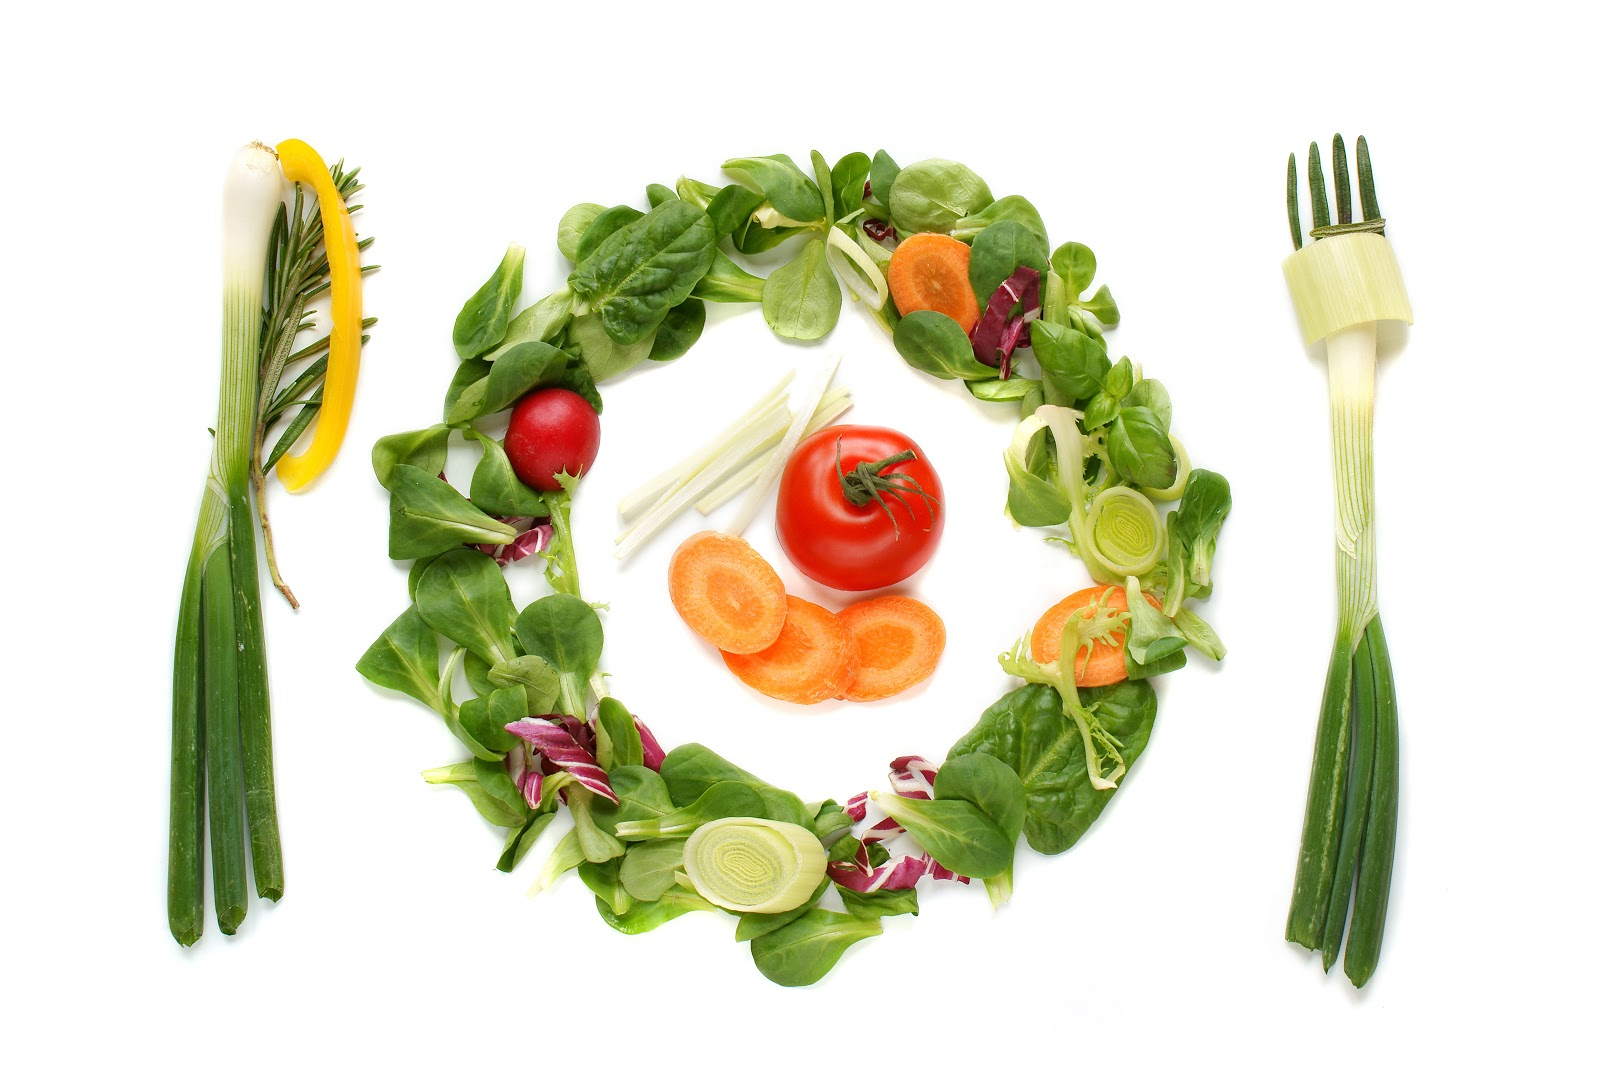 Вегетарианское питание. Основные принципы